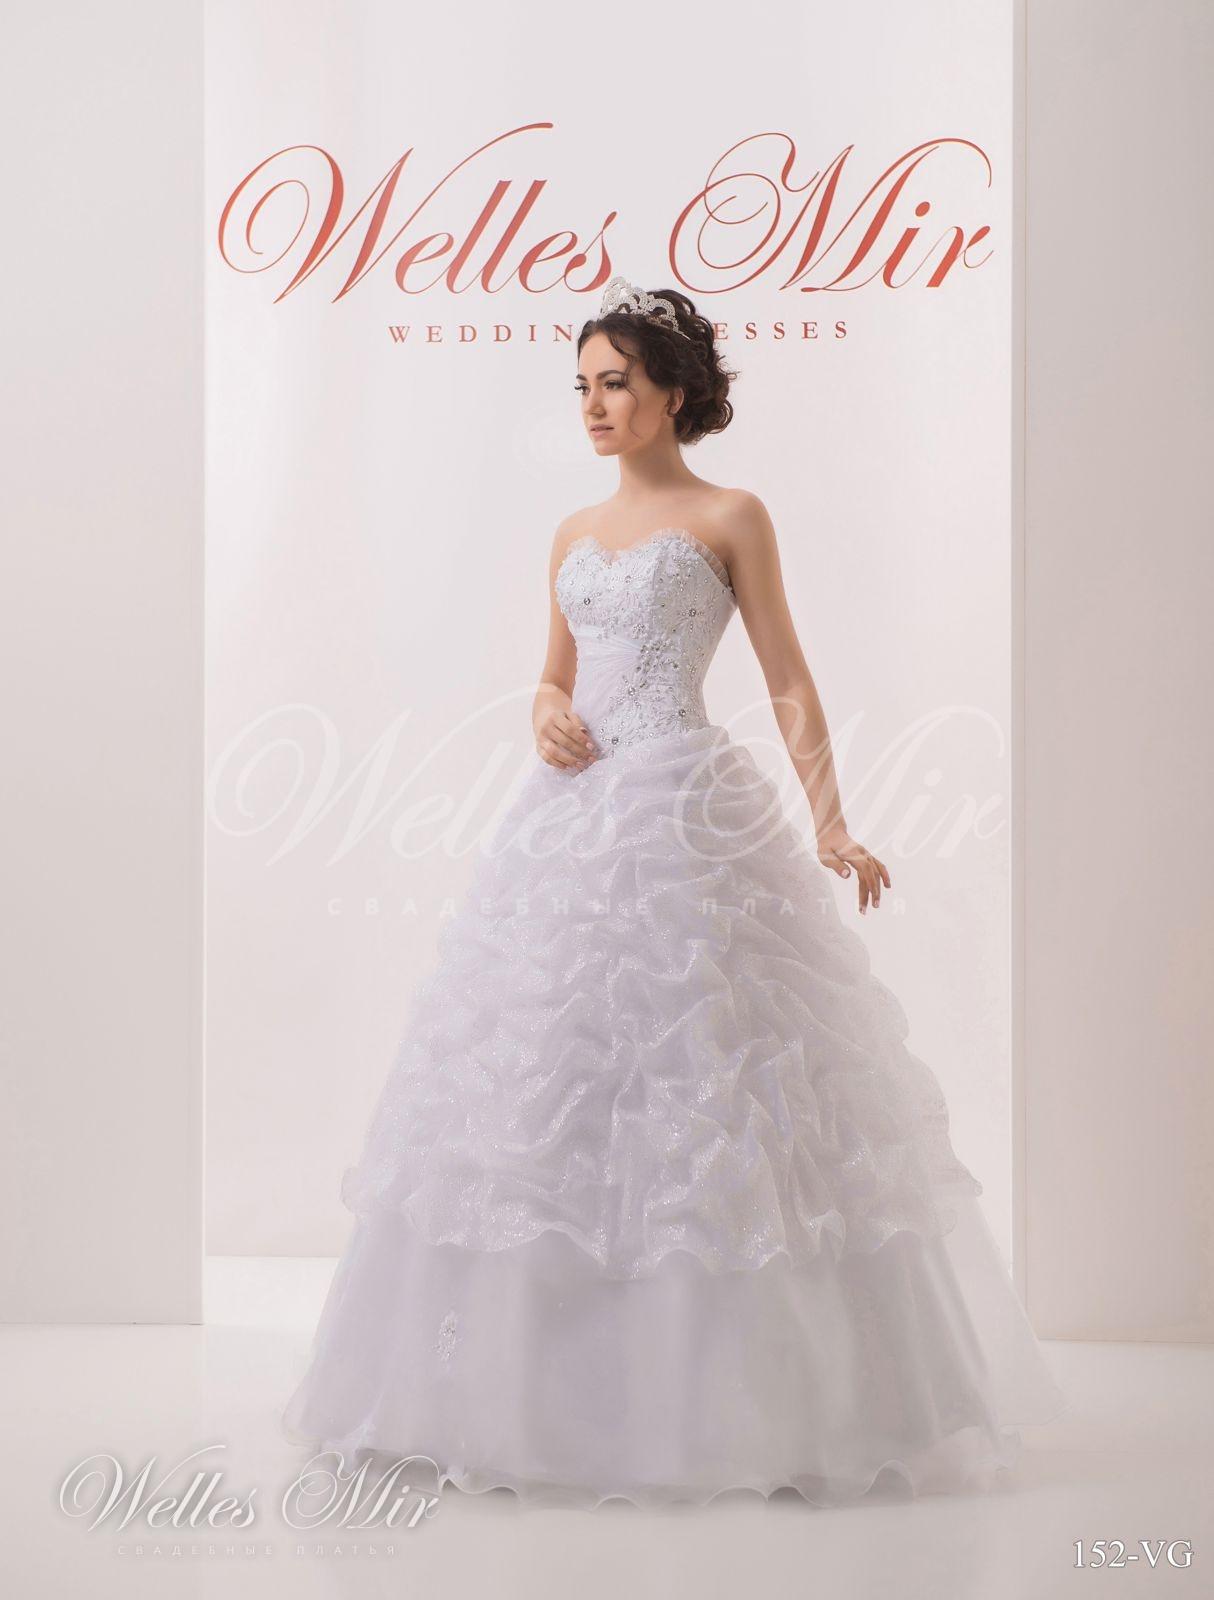 Свадебные платья Soft collection - 152-VG